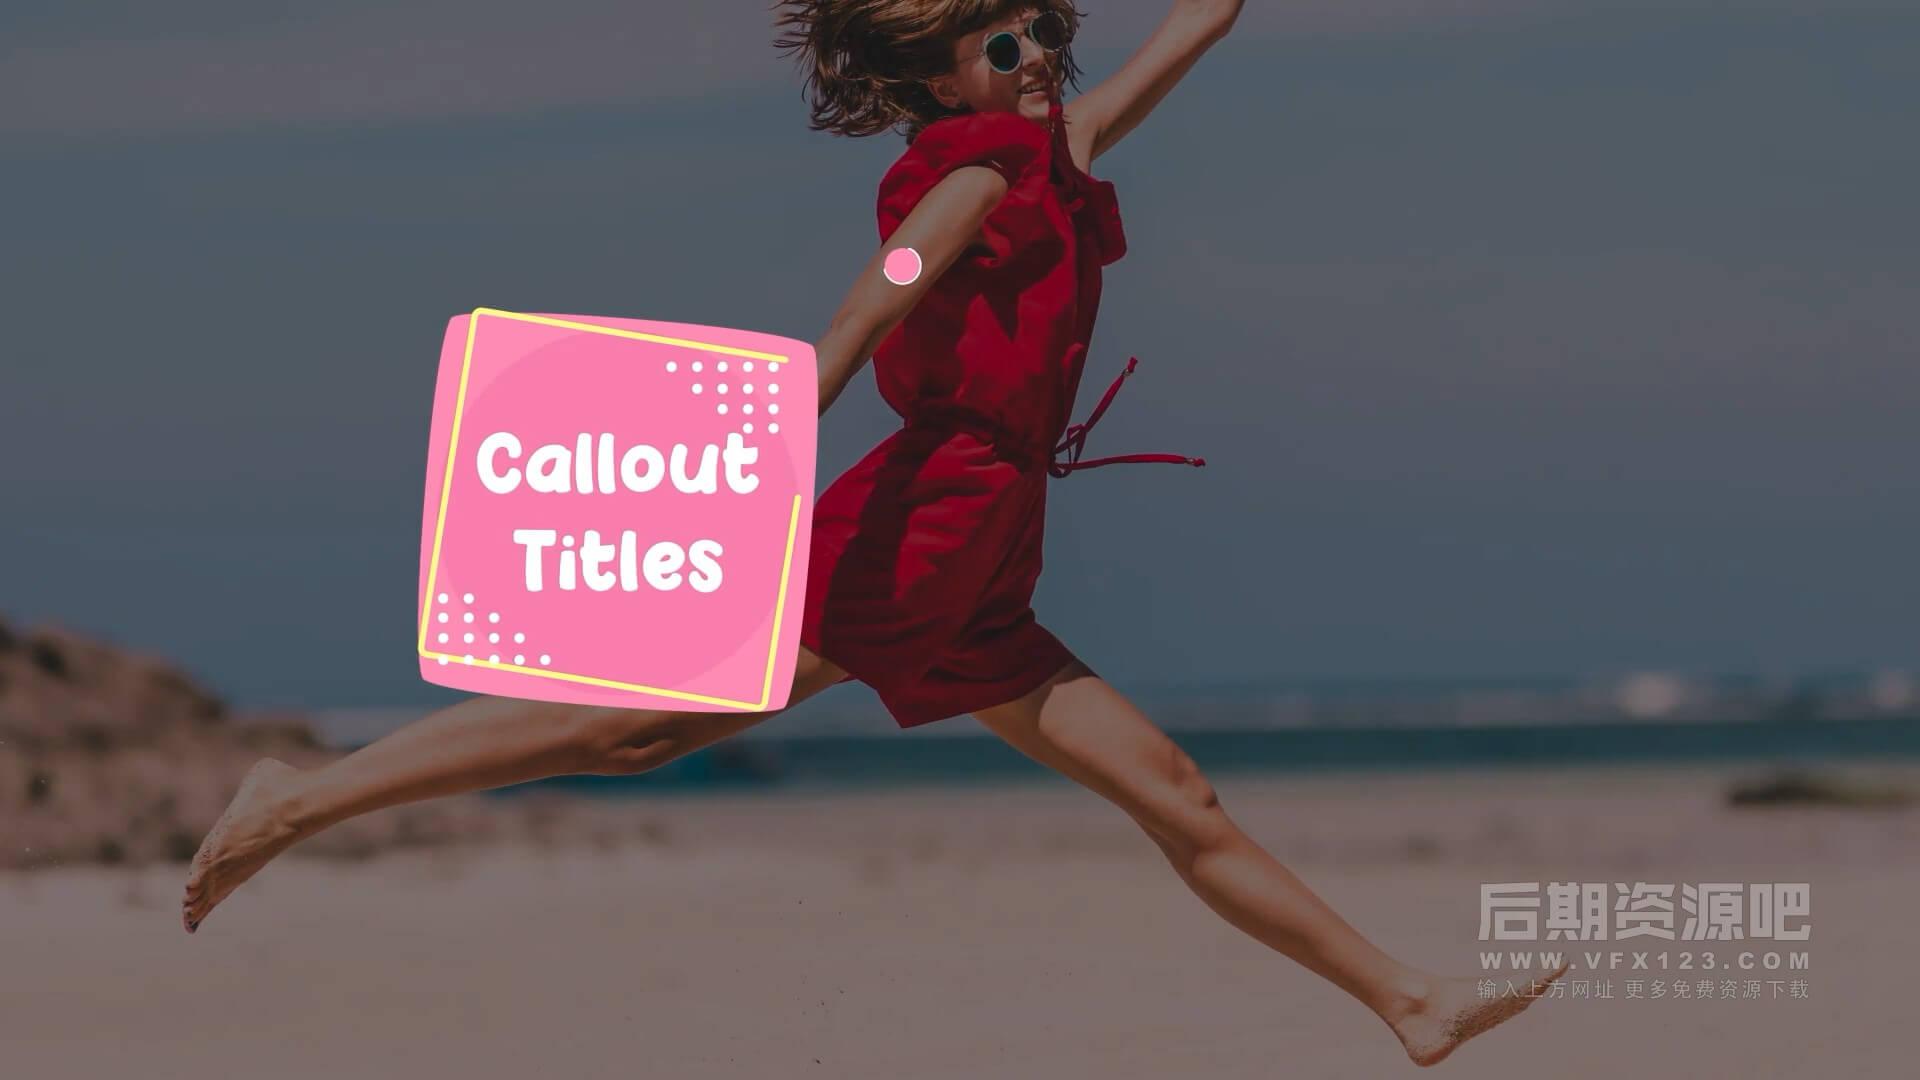 fcpx标题插件 4K卡通标注注释文本框动画 Cartoon Callout Titles